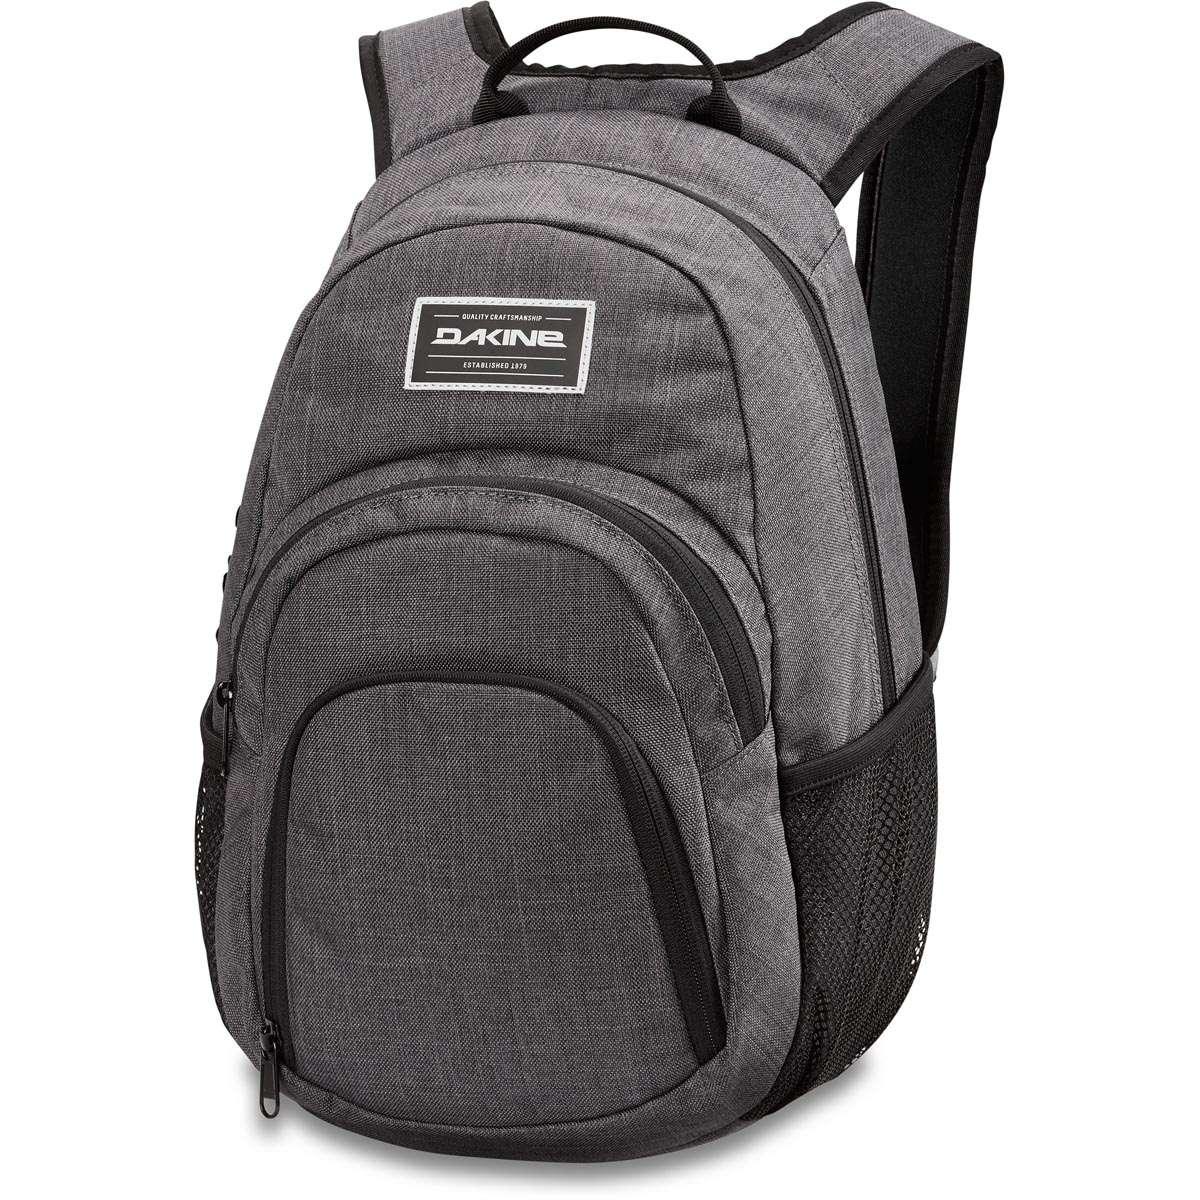 Dakine Campus Mini 18L Backpack Carbon   Dakine Shop 7b8f8063a9